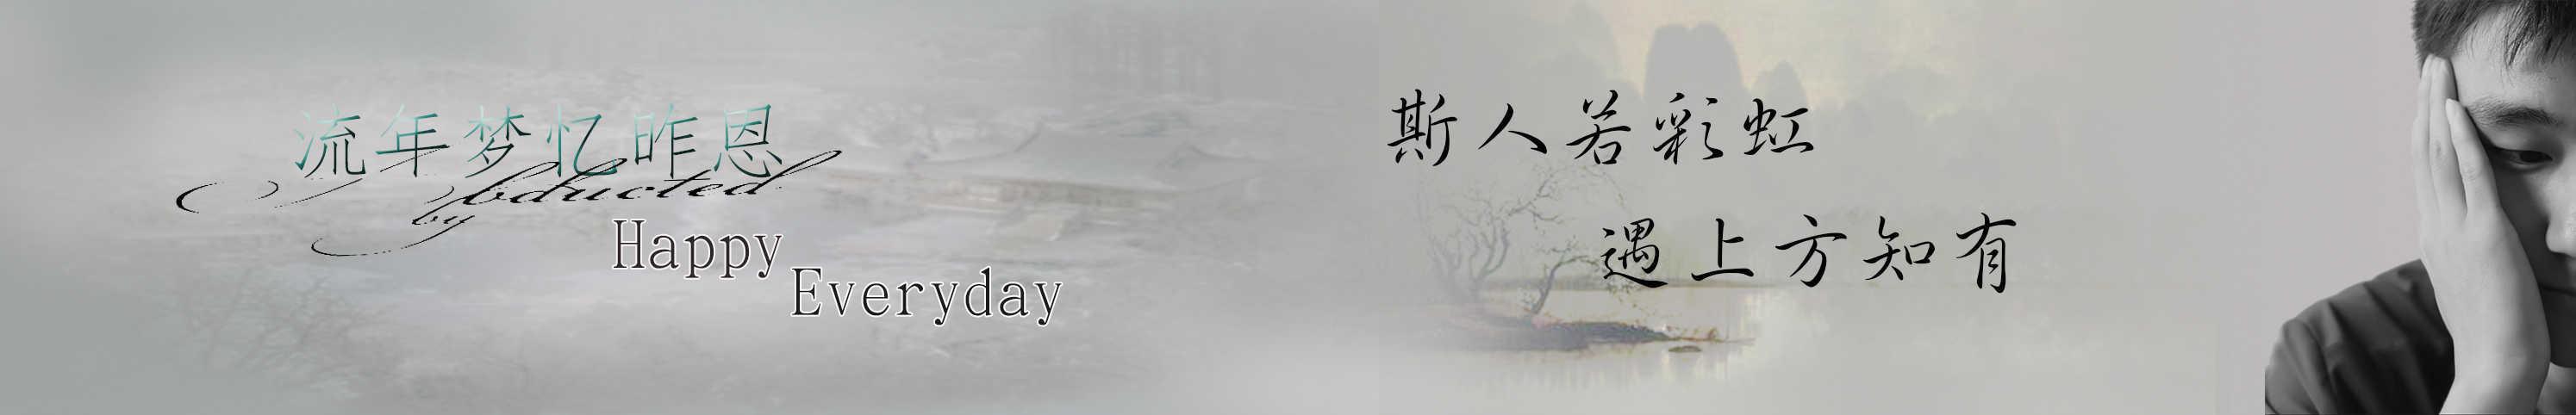 咖啡影音 banner